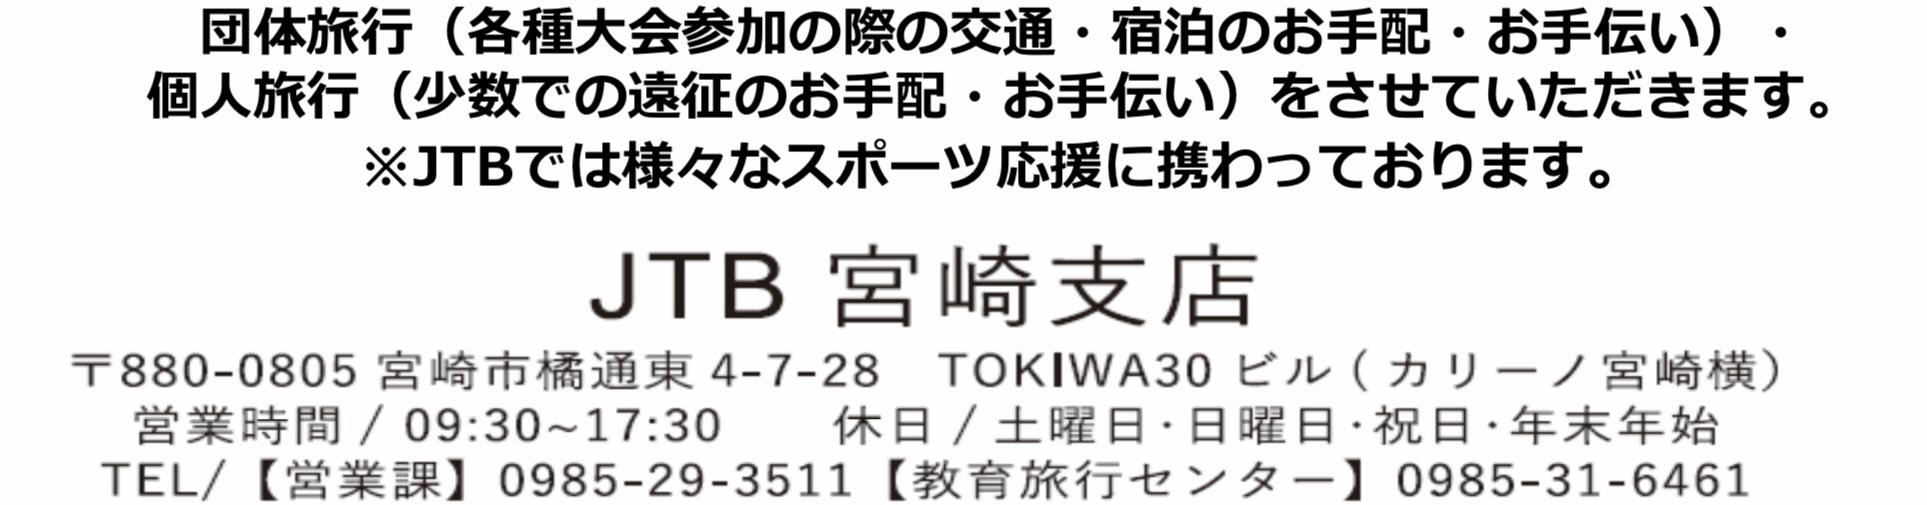 JTB宮崎支店